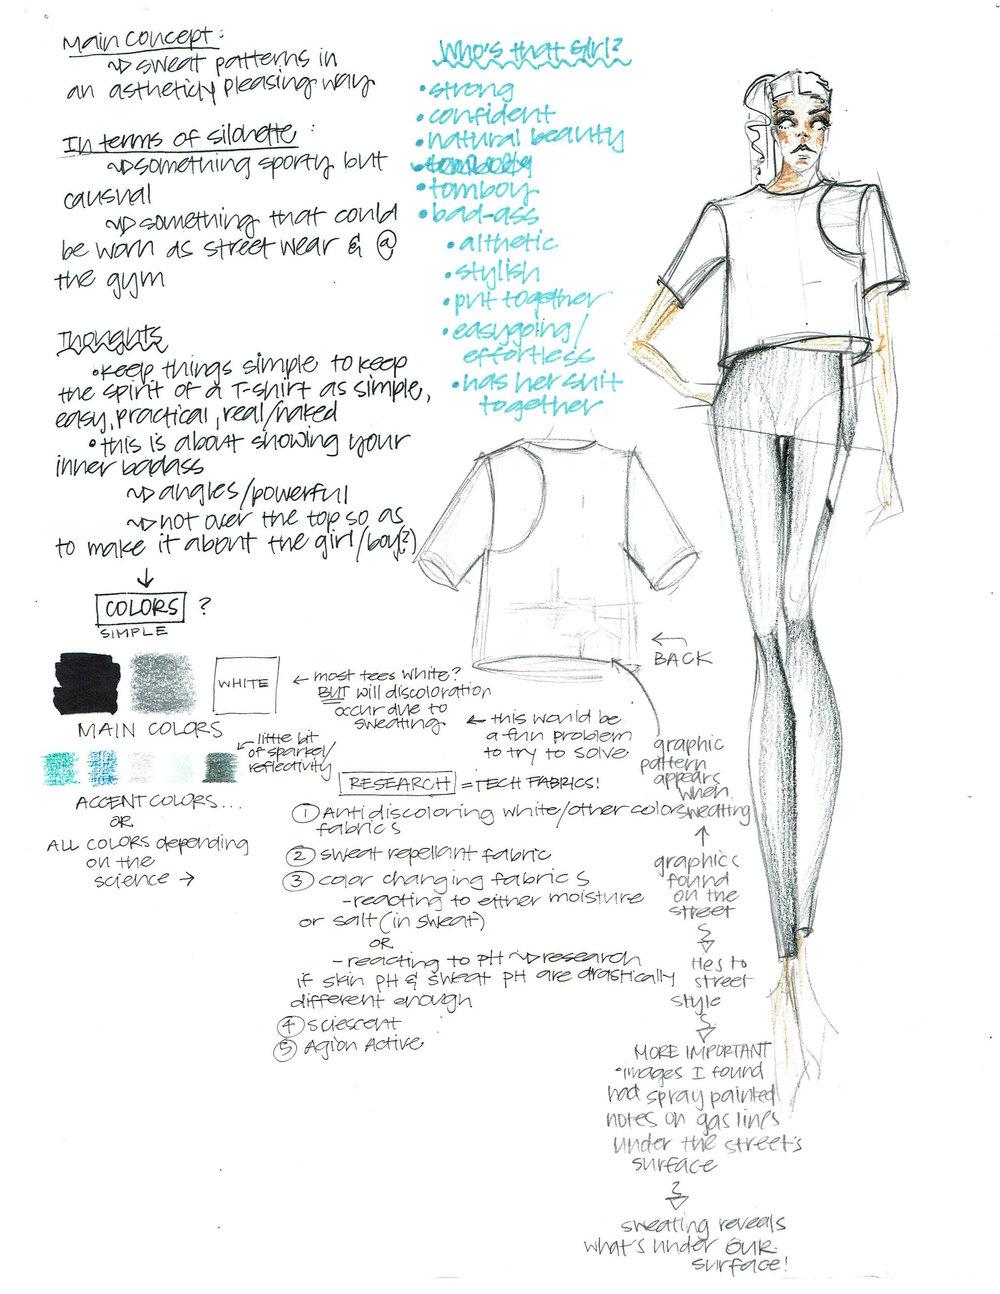 notes3.jpg